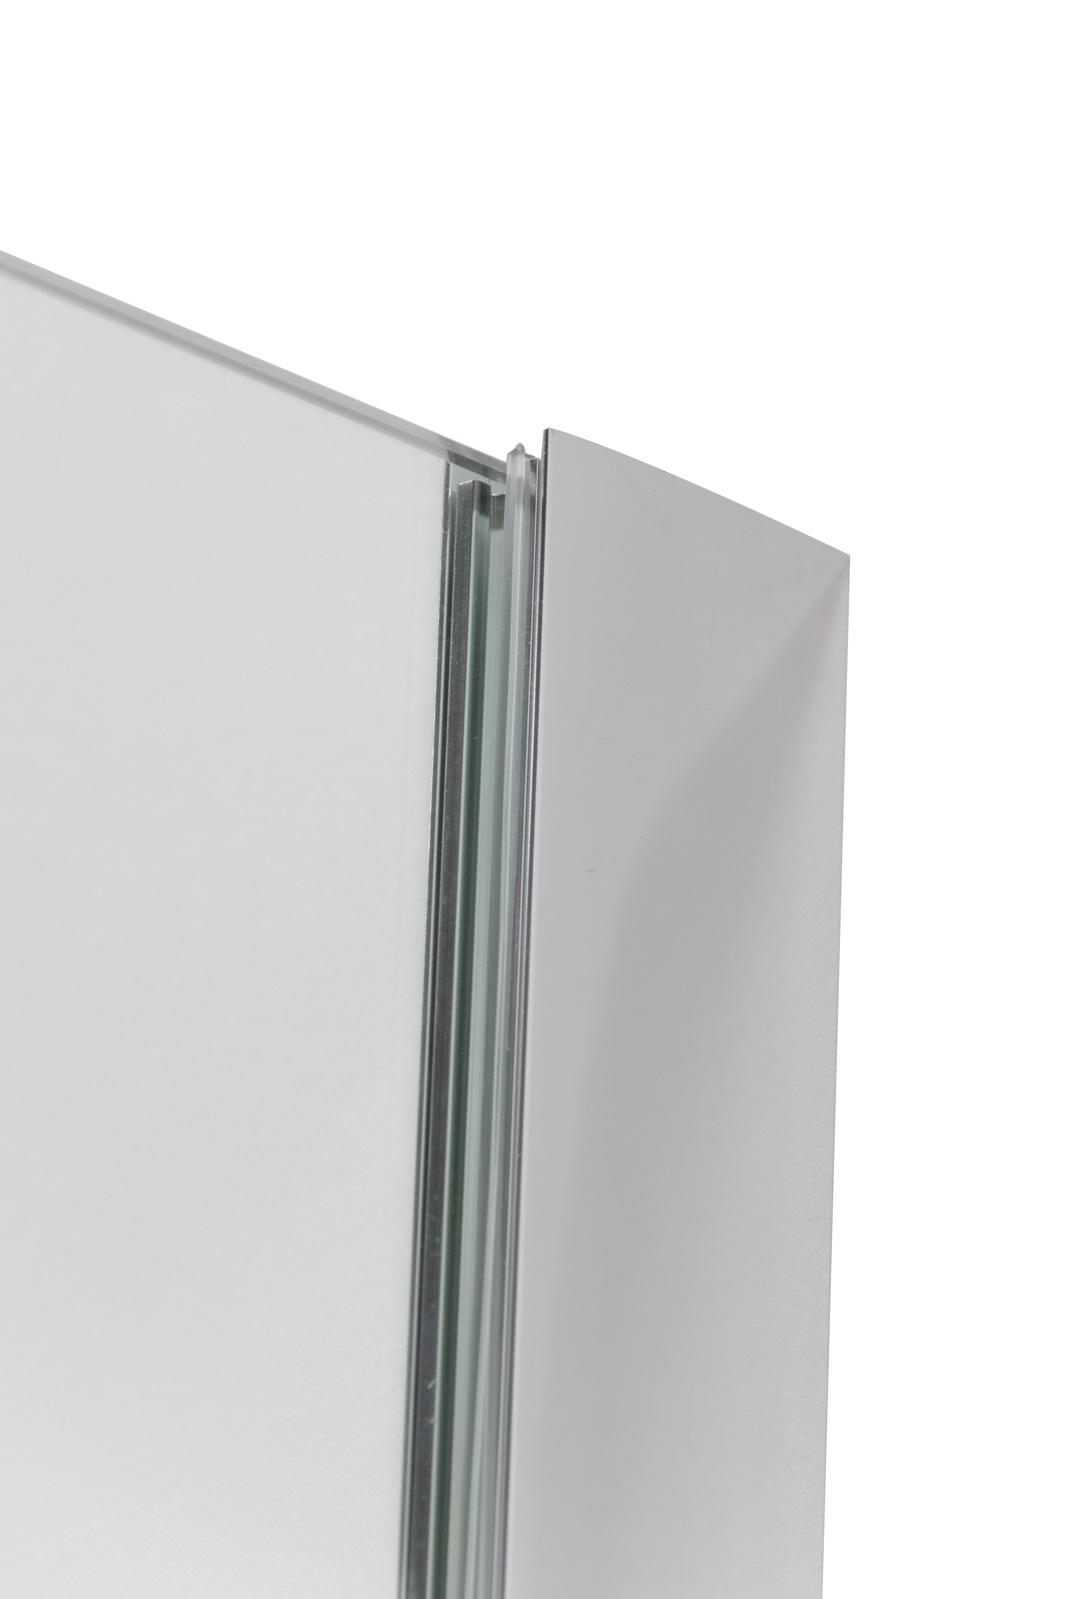 Inloopdouche Linea Uno 150 x 200 cm